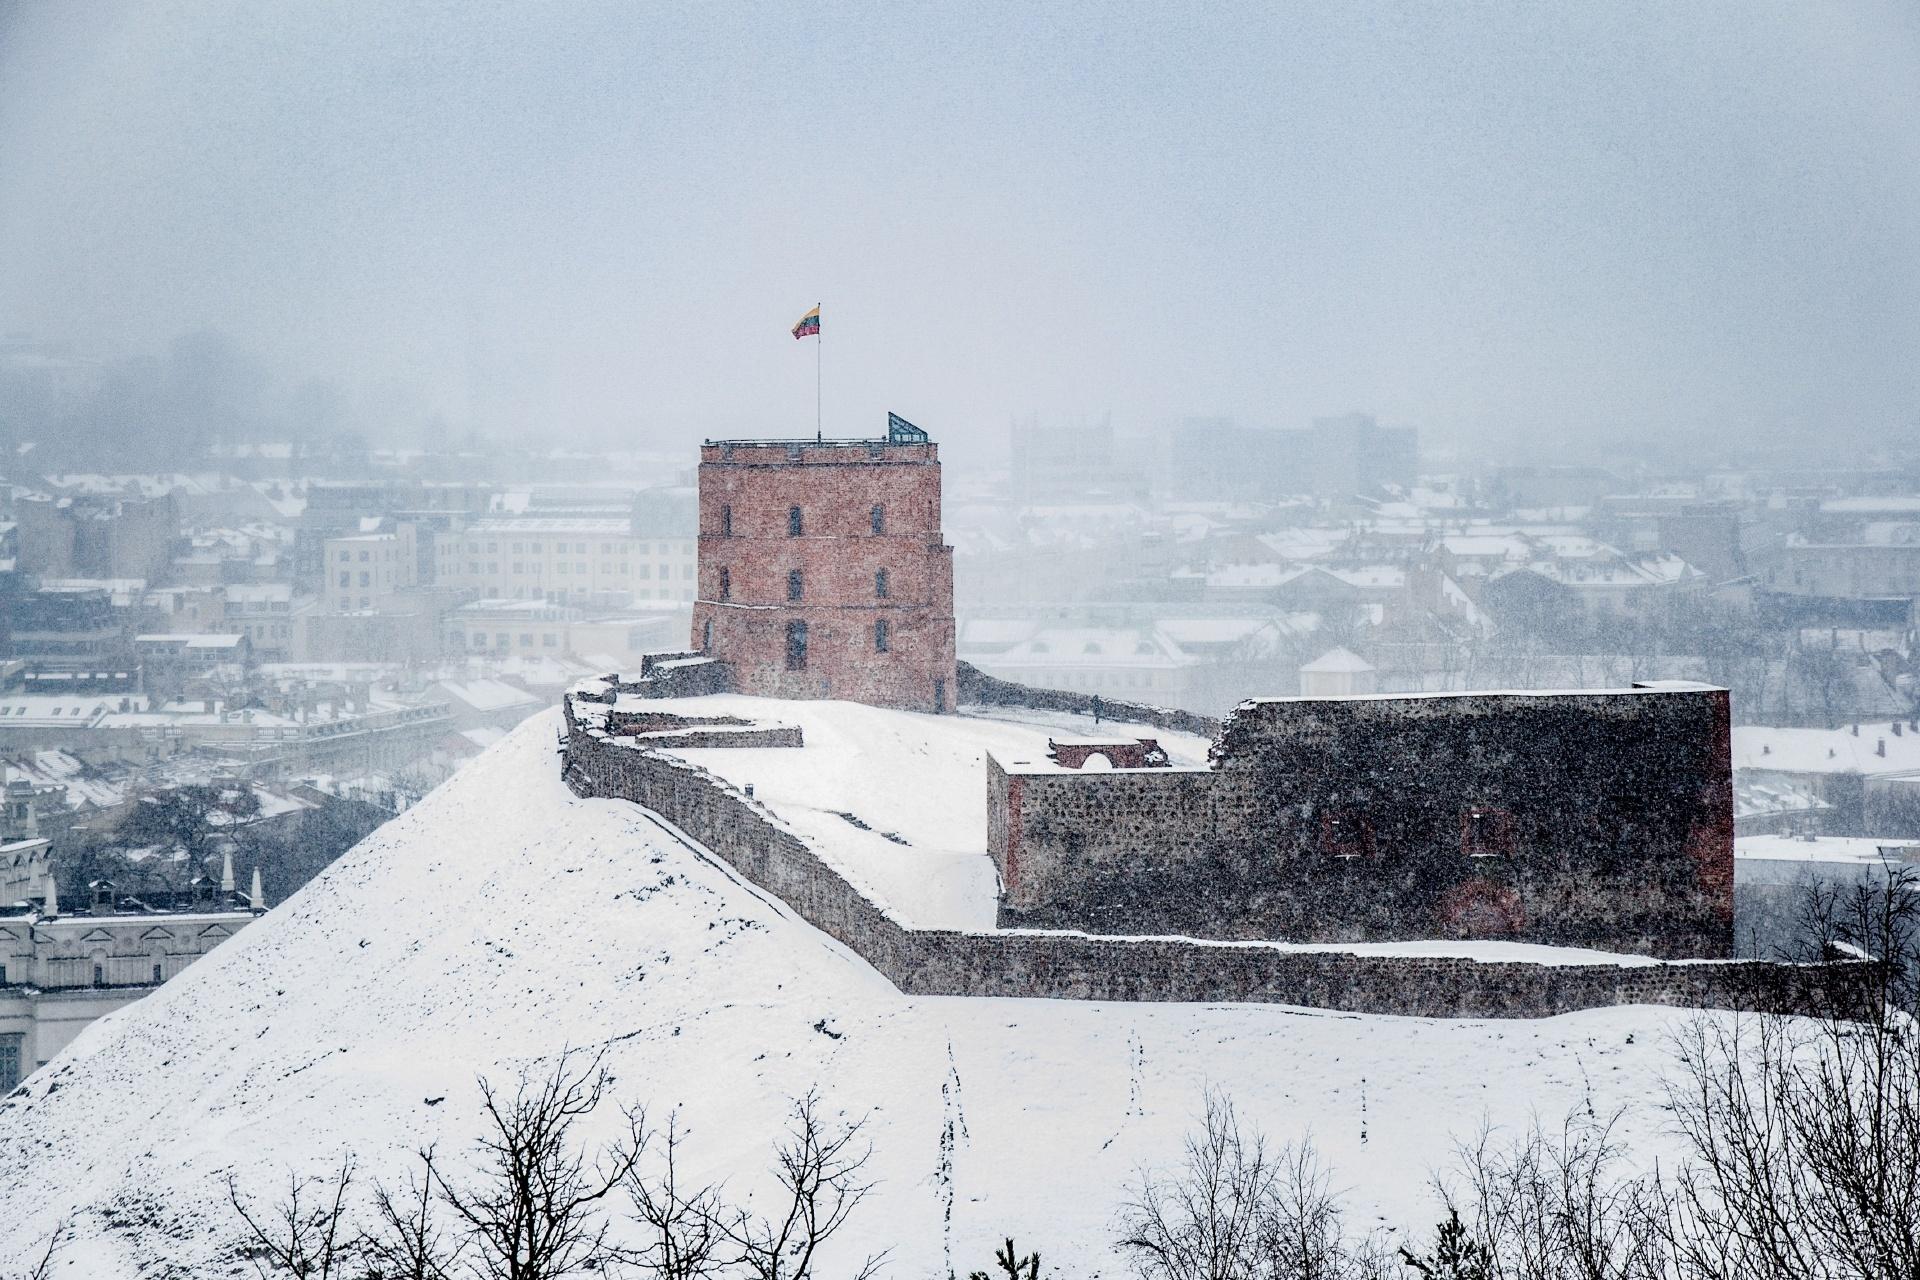 冬のヴィリニュス リトアニアの風景